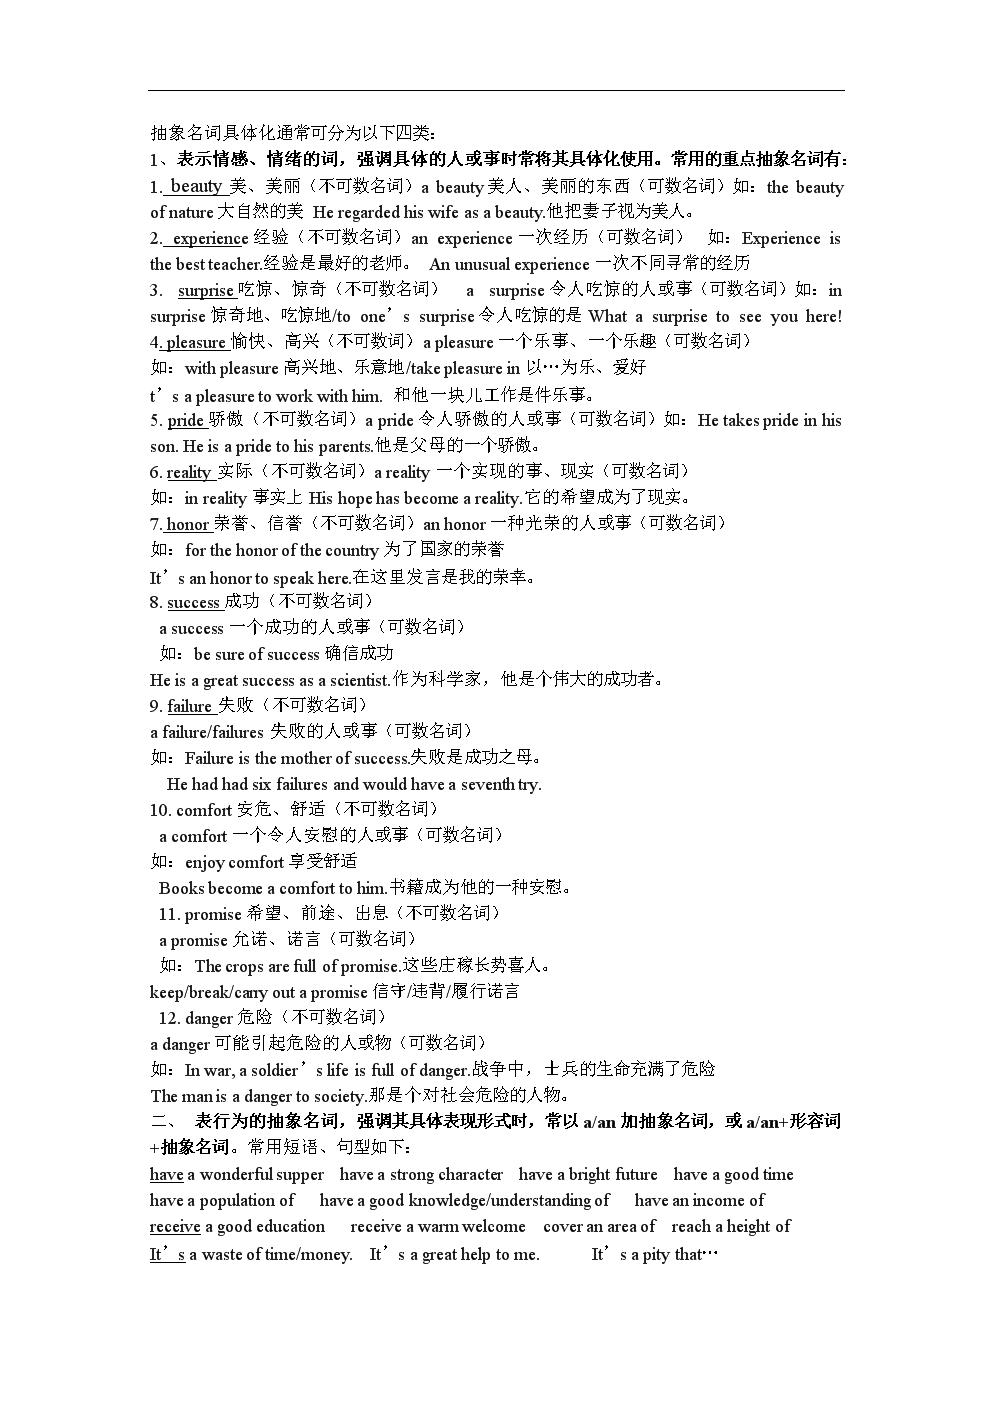 英语抽象名词具体化用法小结.doc